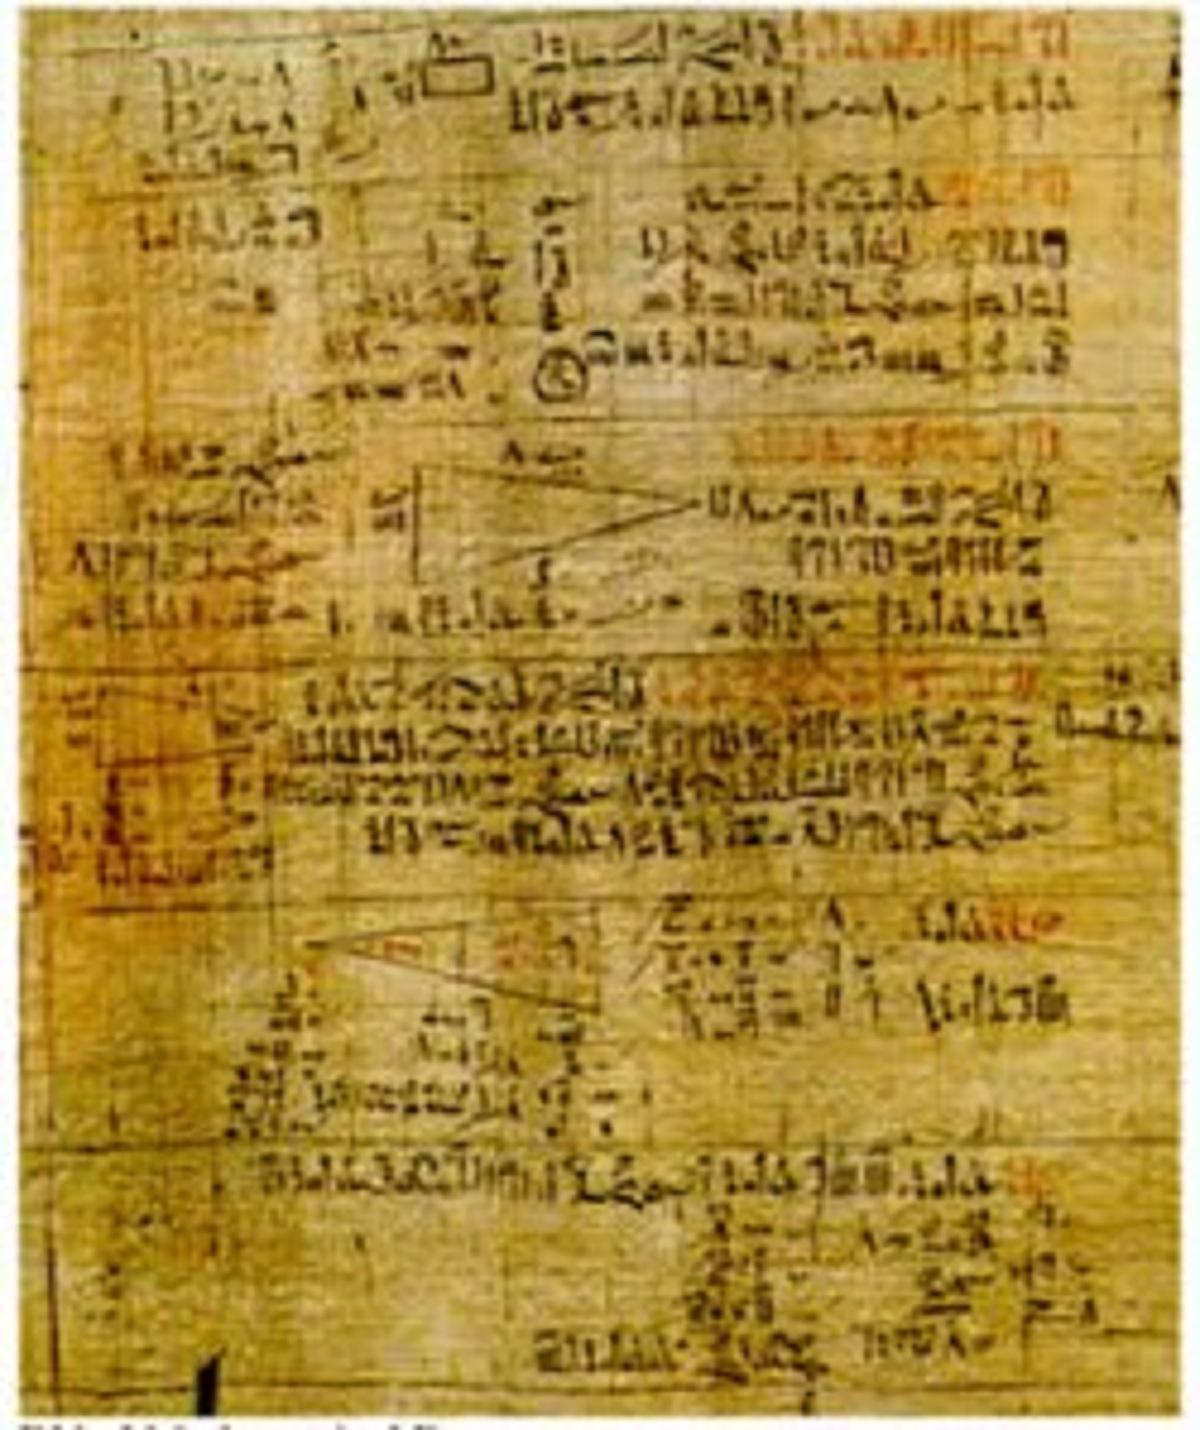 Τὰ μαθηματικὰ τῶν ἀρχαίων Μινωϊτῶν.4